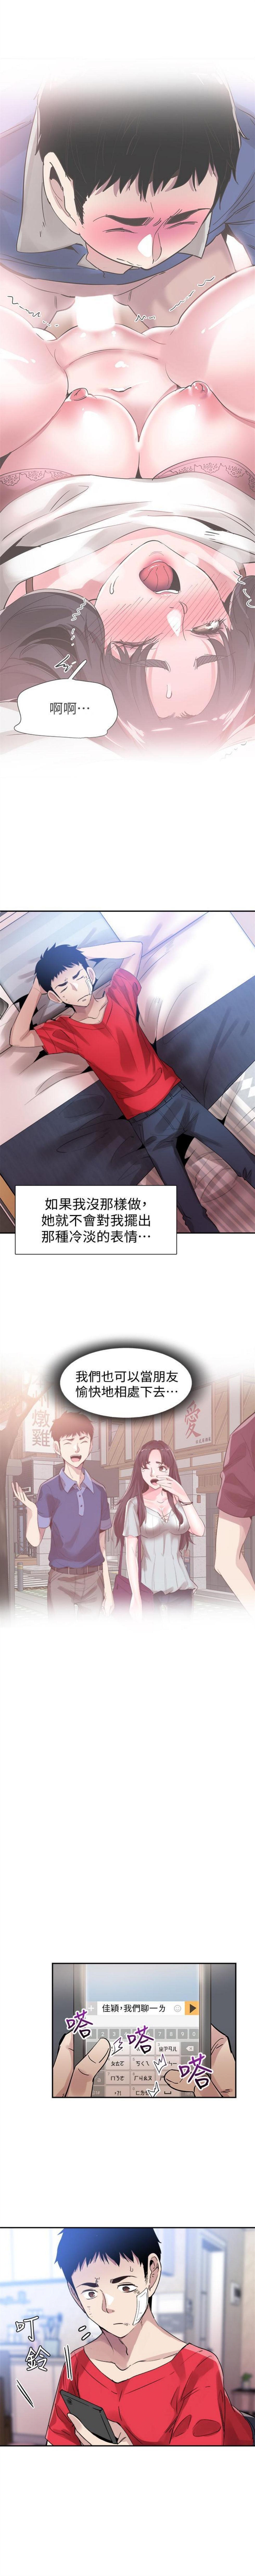 (週7)校園live秀 1-50 中文翻譯(更新中) 310